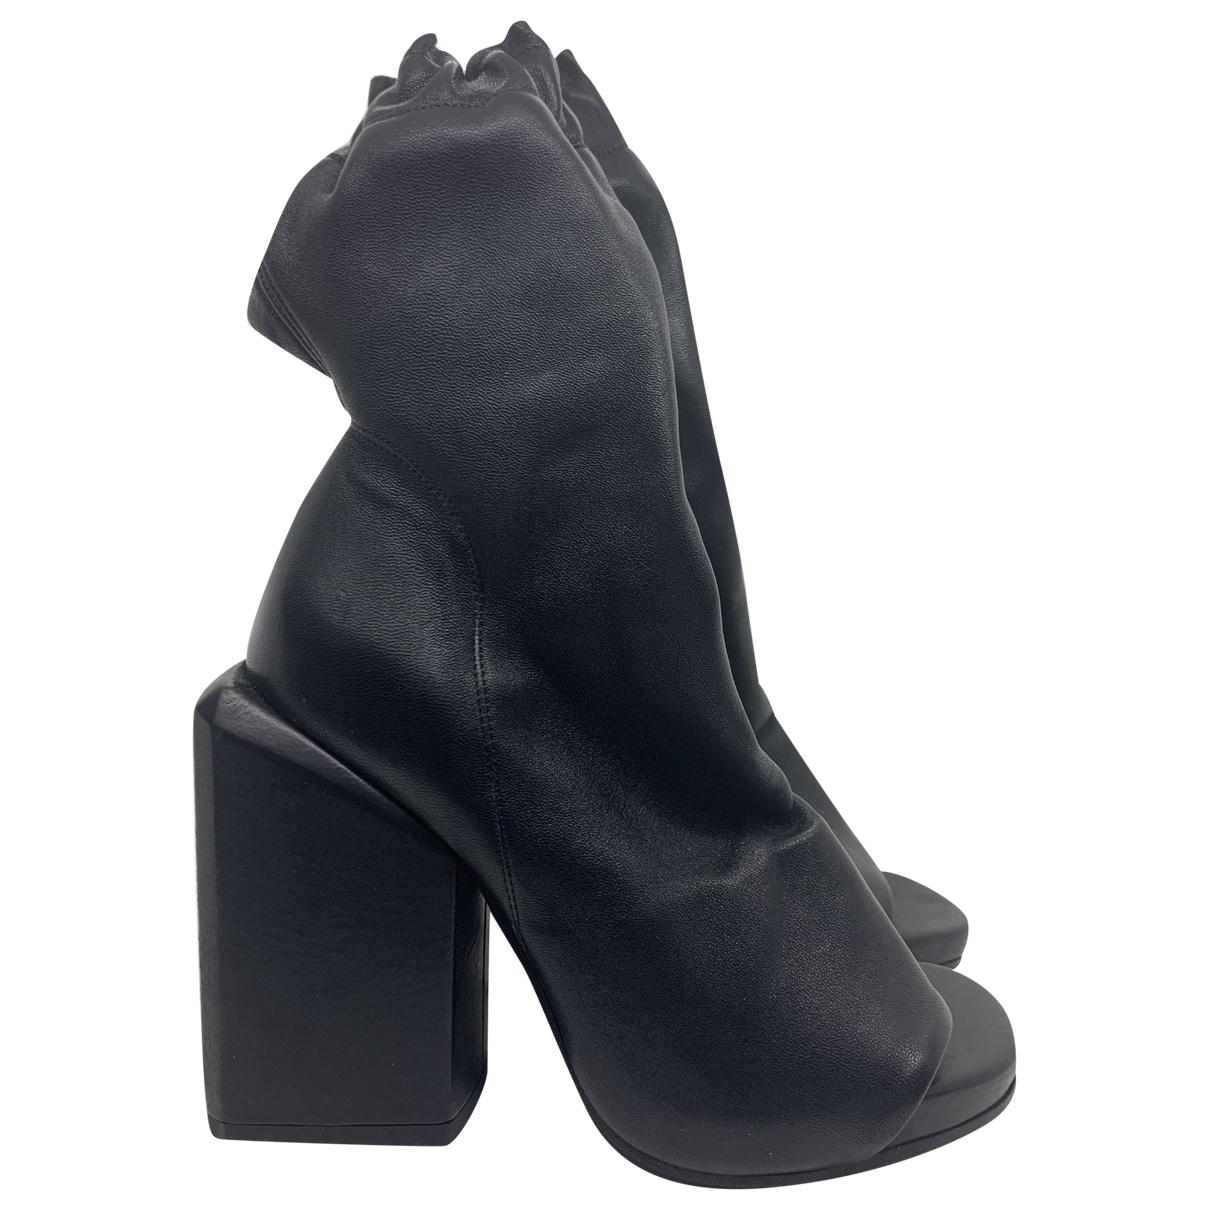 Cinzia Araia - Boots   pour femme en cuir - noir